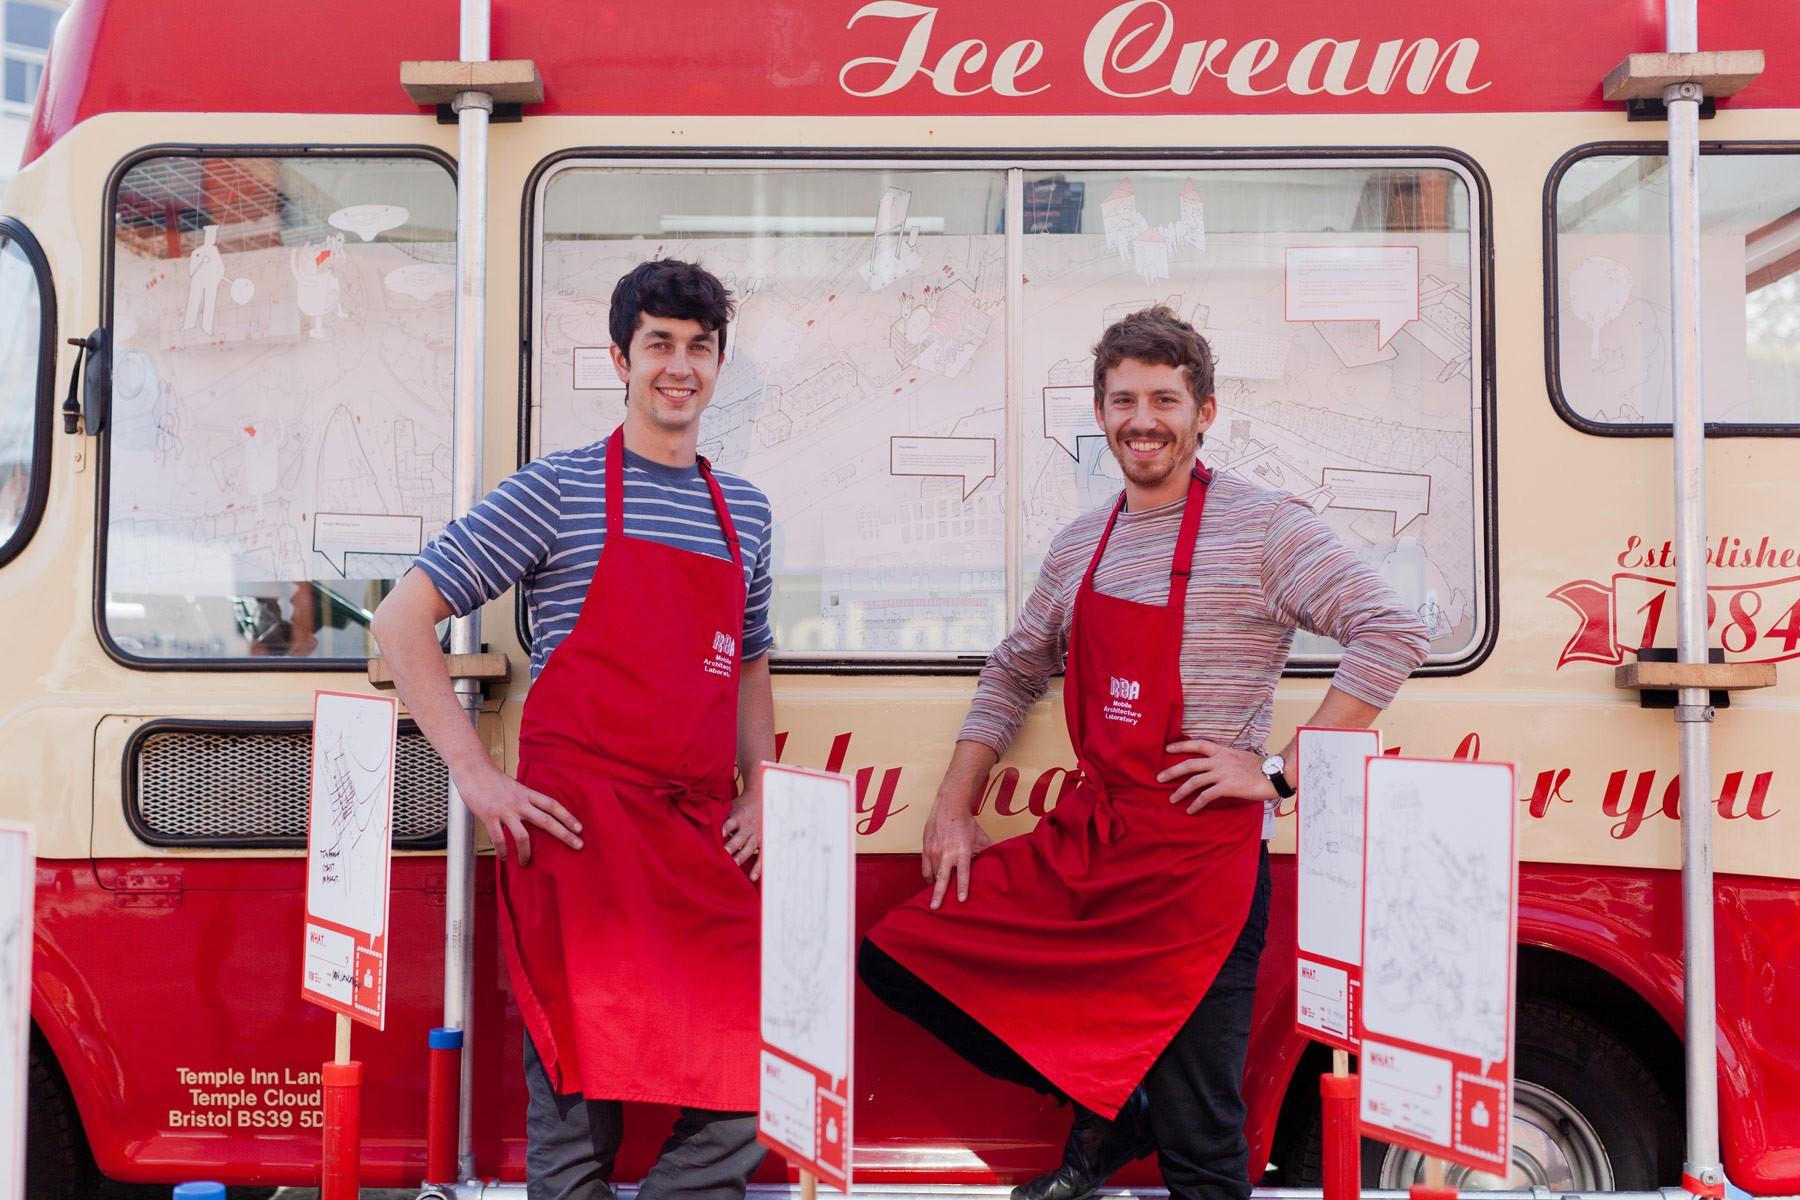 Architect ice cream van